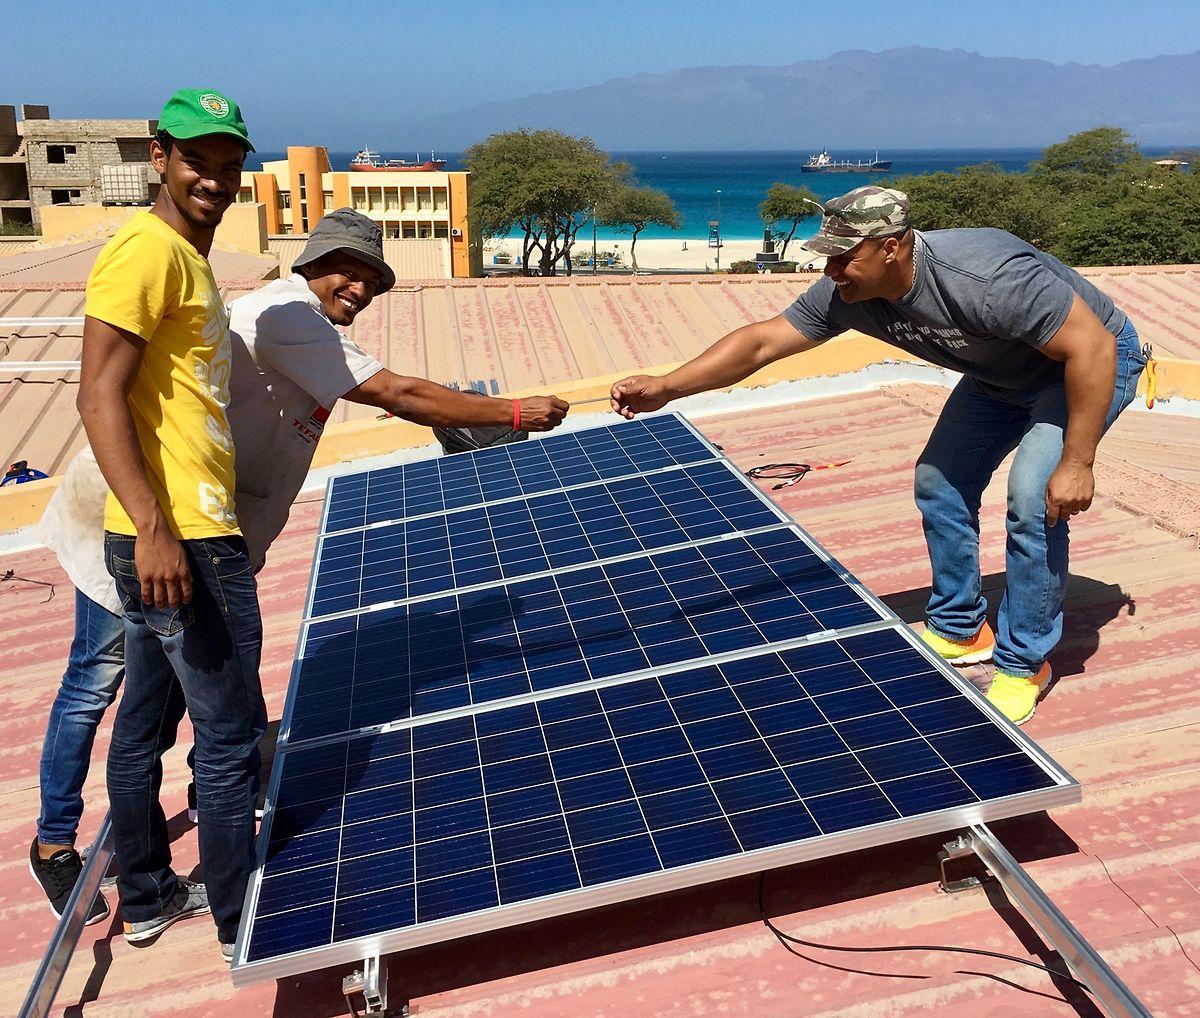 """Im Mai 2017 finanzierte die ONG-Athénée weitere Solaranlagen für die Kapverdischen Inseln.Unter anderem wurden Anlagen auf das Dach der technischen Sekundarschule """"Escola Industrial e Commercial do Mindelo-Guilherme Dias Chantre"""" in der Ortschaft Mindelo auf der Insel  São Vicente angebracht."""